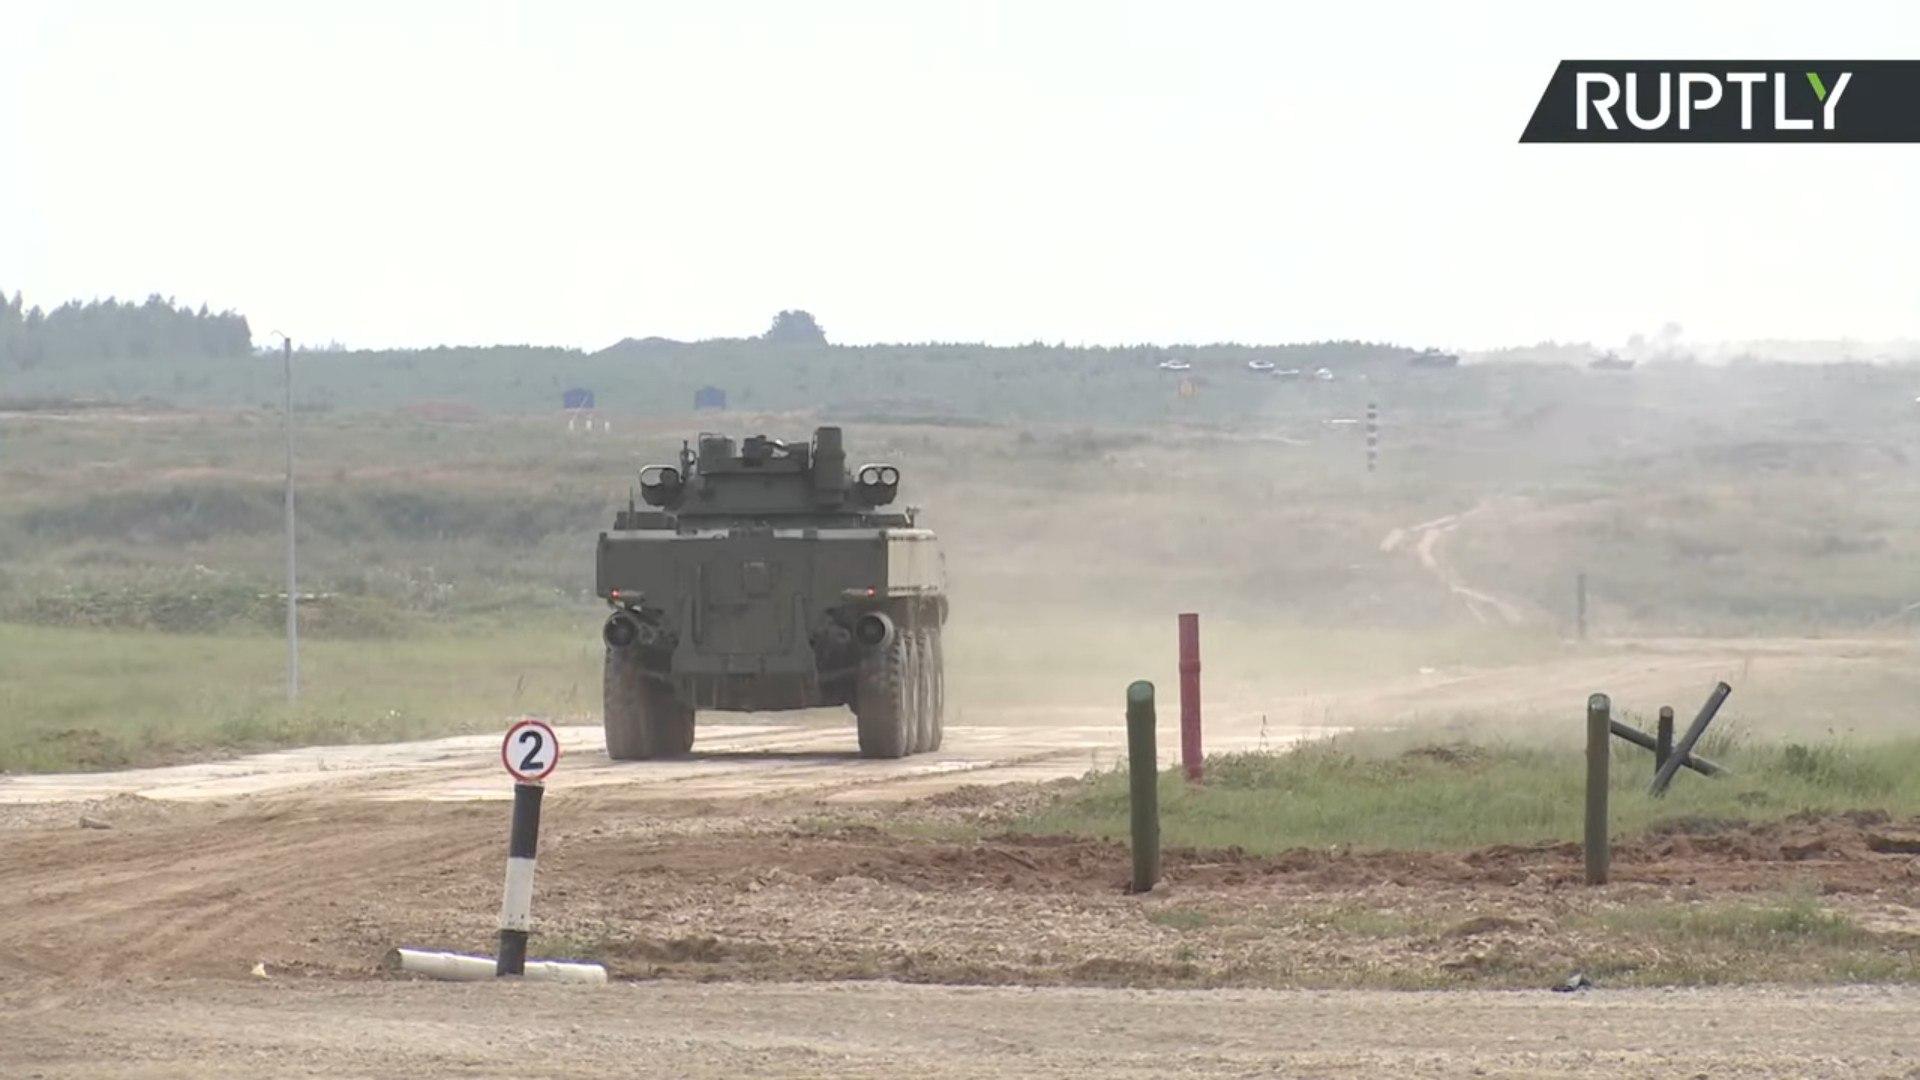 Armija-Nemzetközi haditechnikai fórum és kiállítás - Page 2 Pk5HTW5JTmk